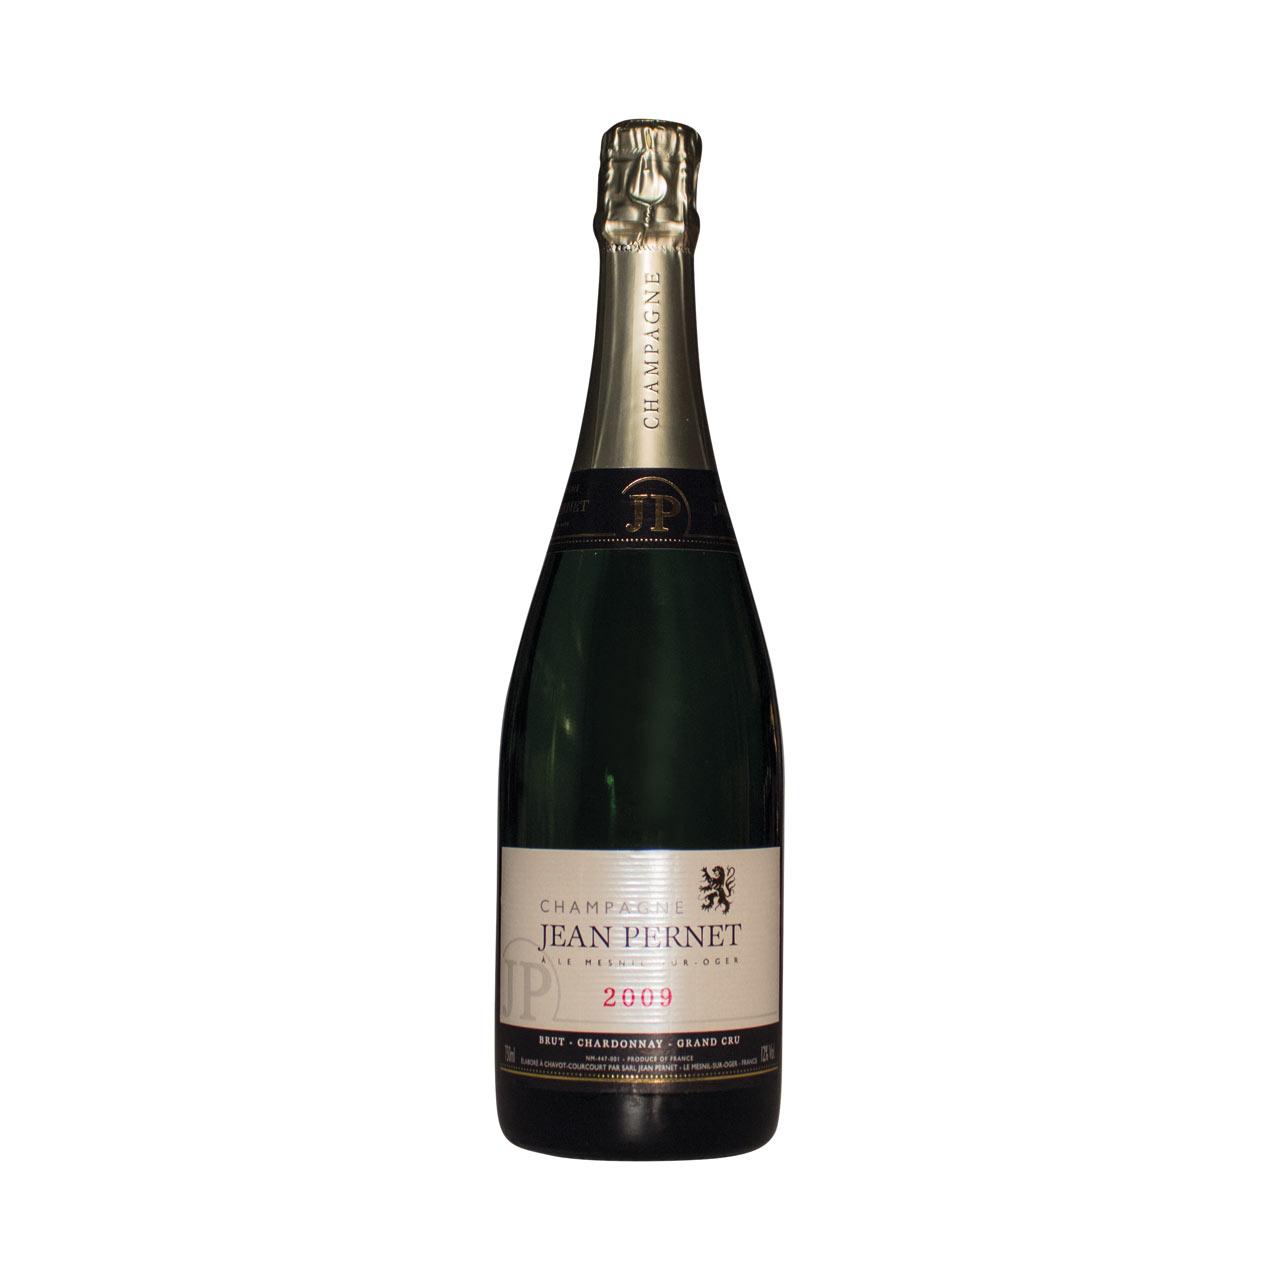 2009 Champagner Jean Pernet Vintage, Brut Chardonnay Grand Cru